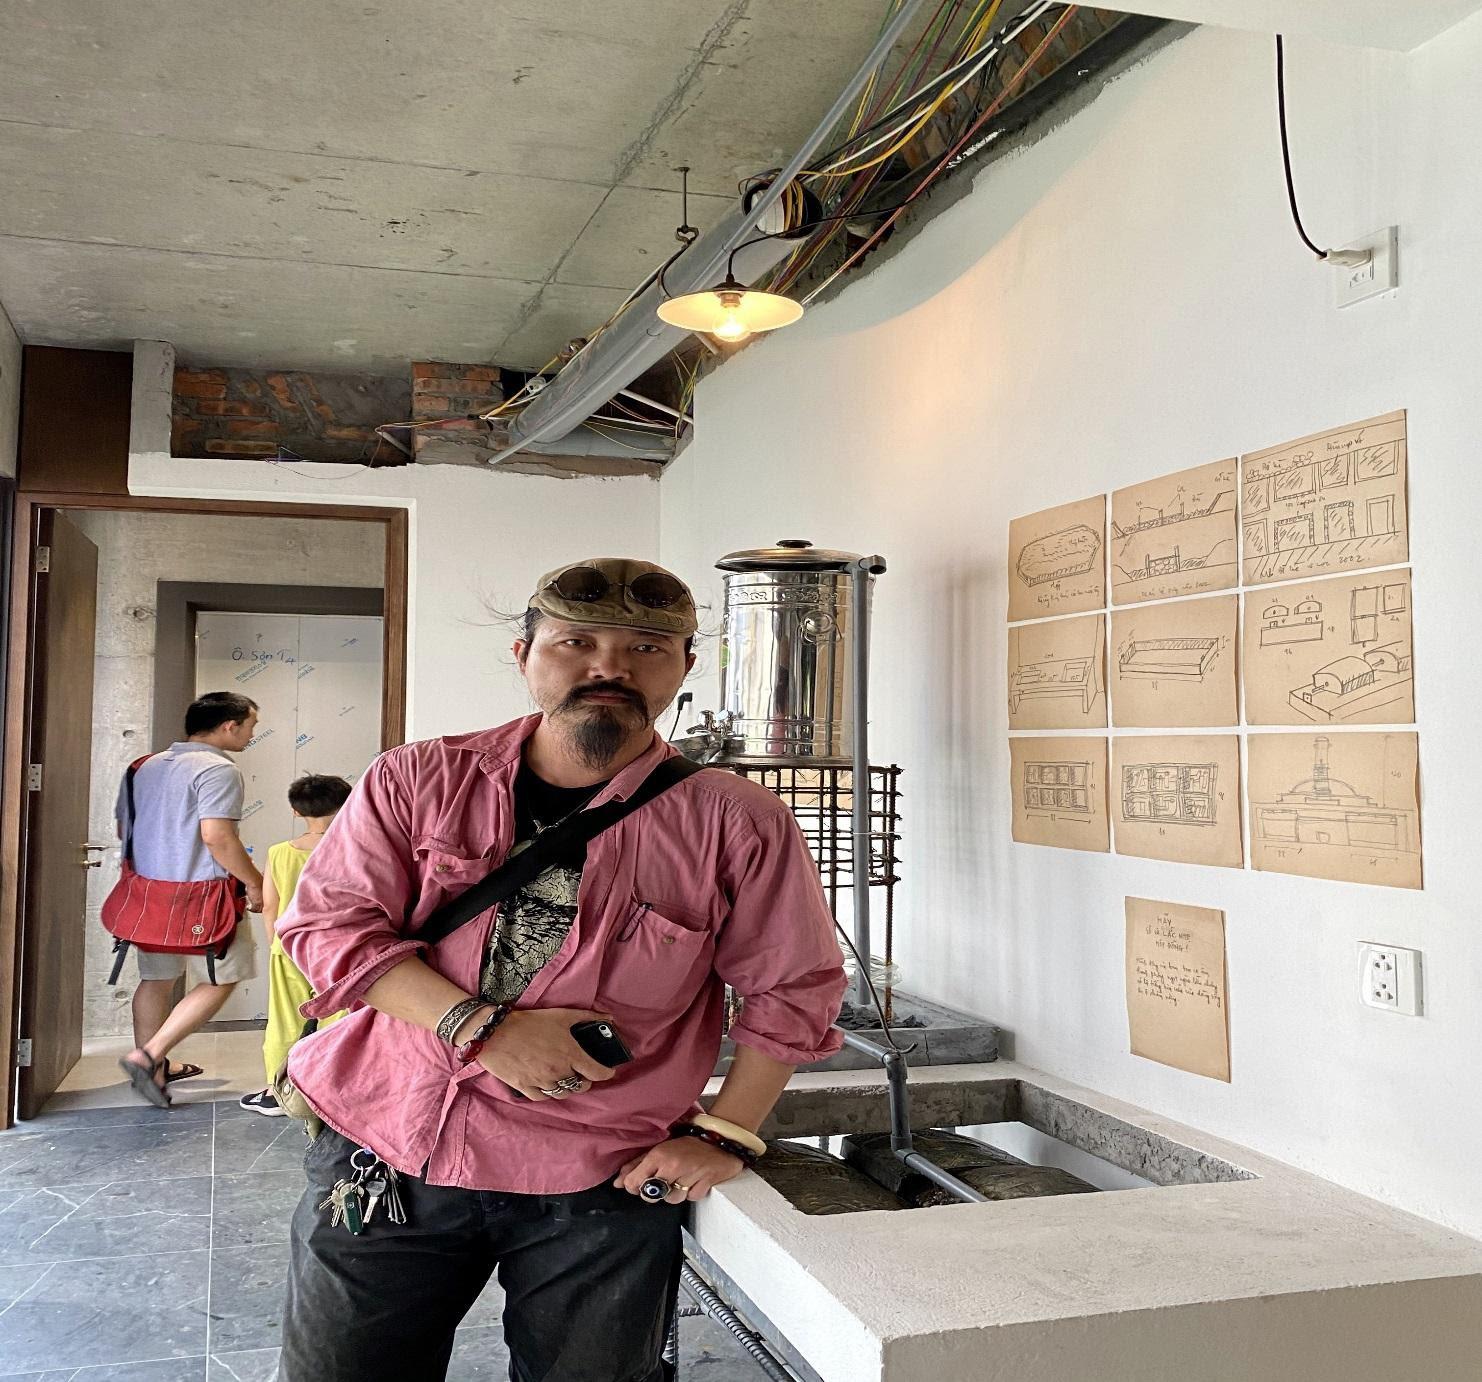 """Triển lãm """"Ống thở"""" - giao thoa tinh hoa kiến trúc nhà ống với nghệ thuật đương đại - Ảnh 4."""